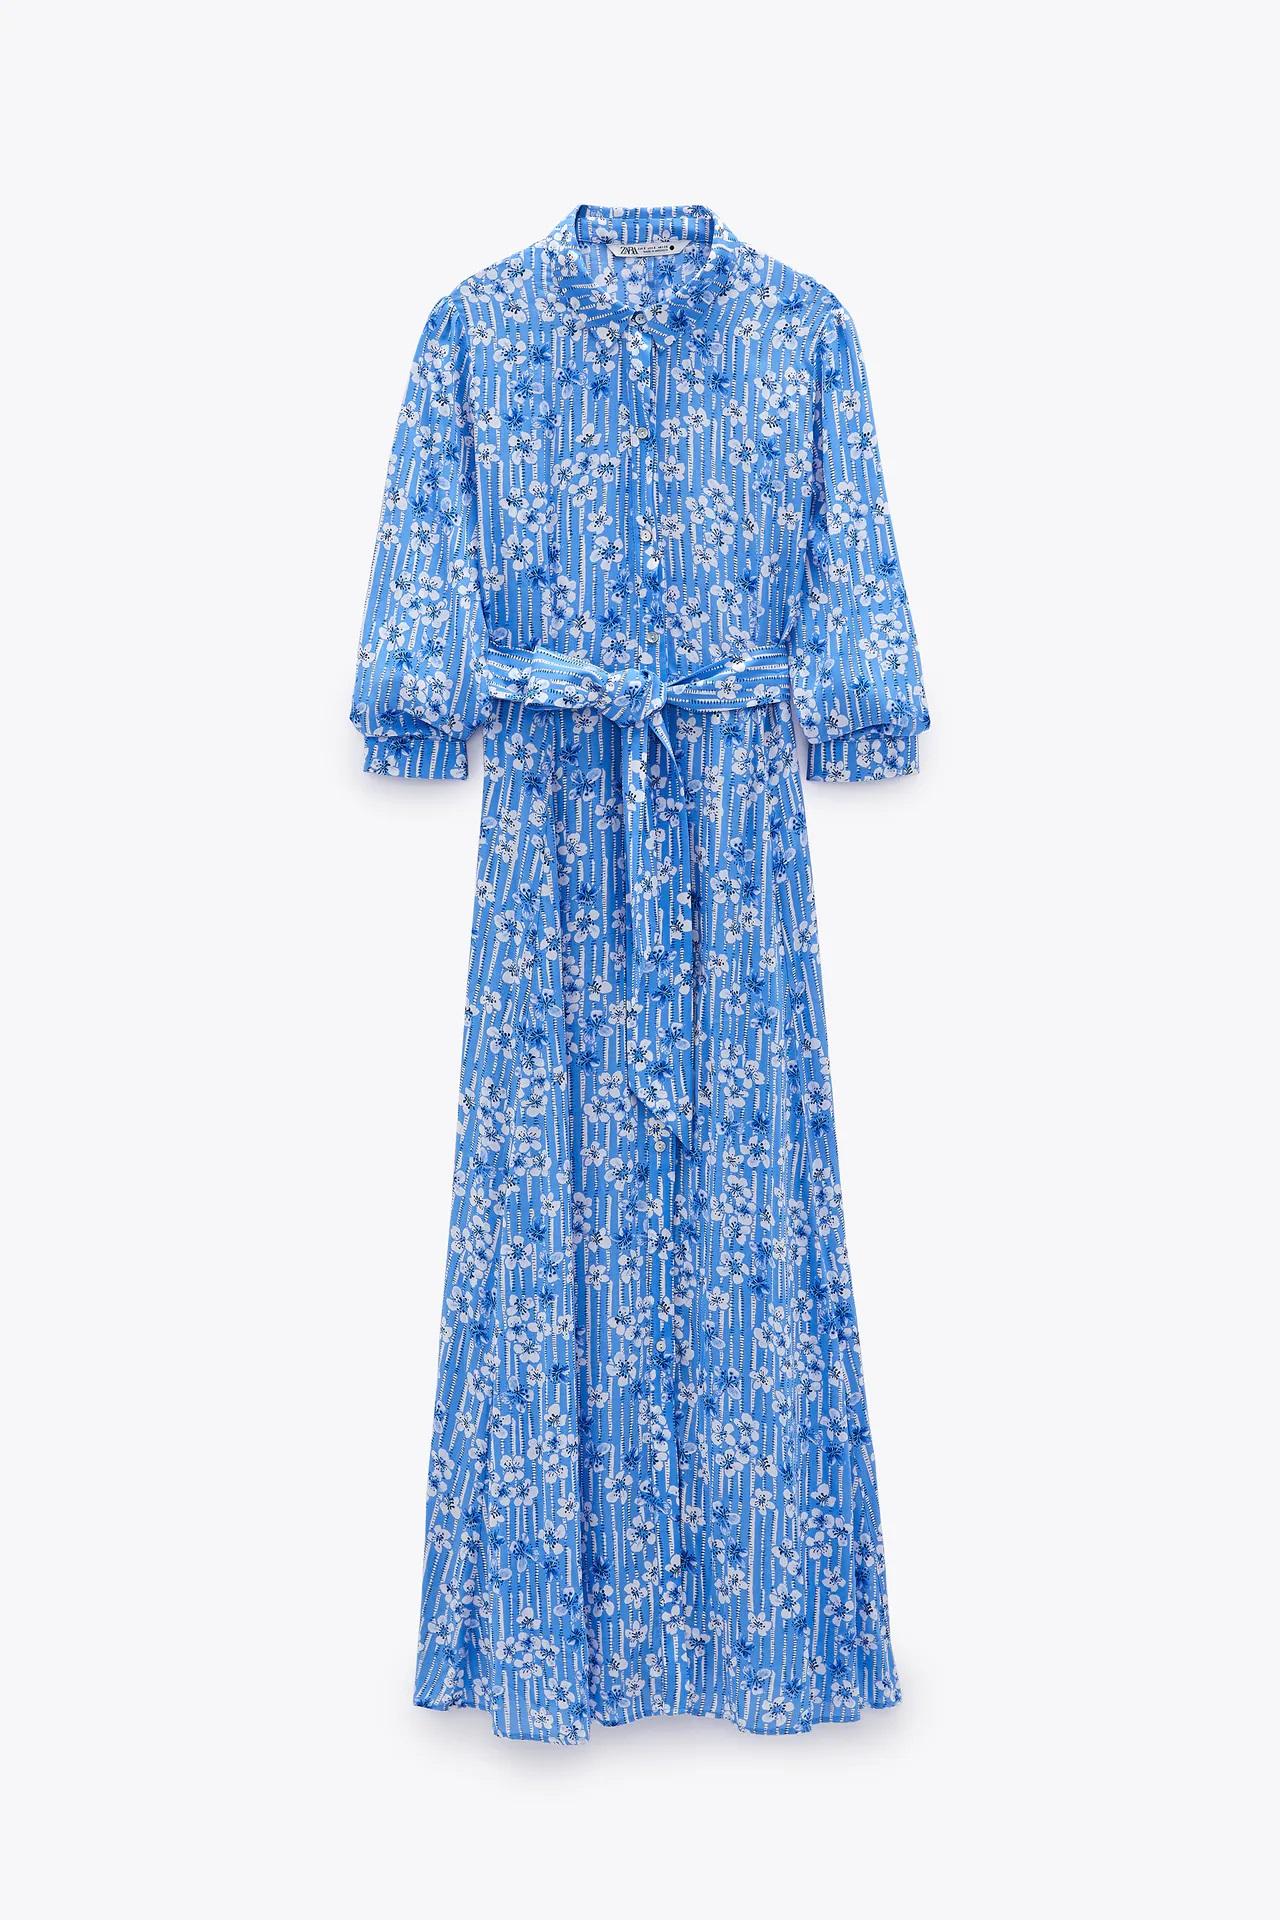 Letizia debe mejorar, estos vestidos midi de flores de Zara están a la altura de una reina por menos de 40 euros